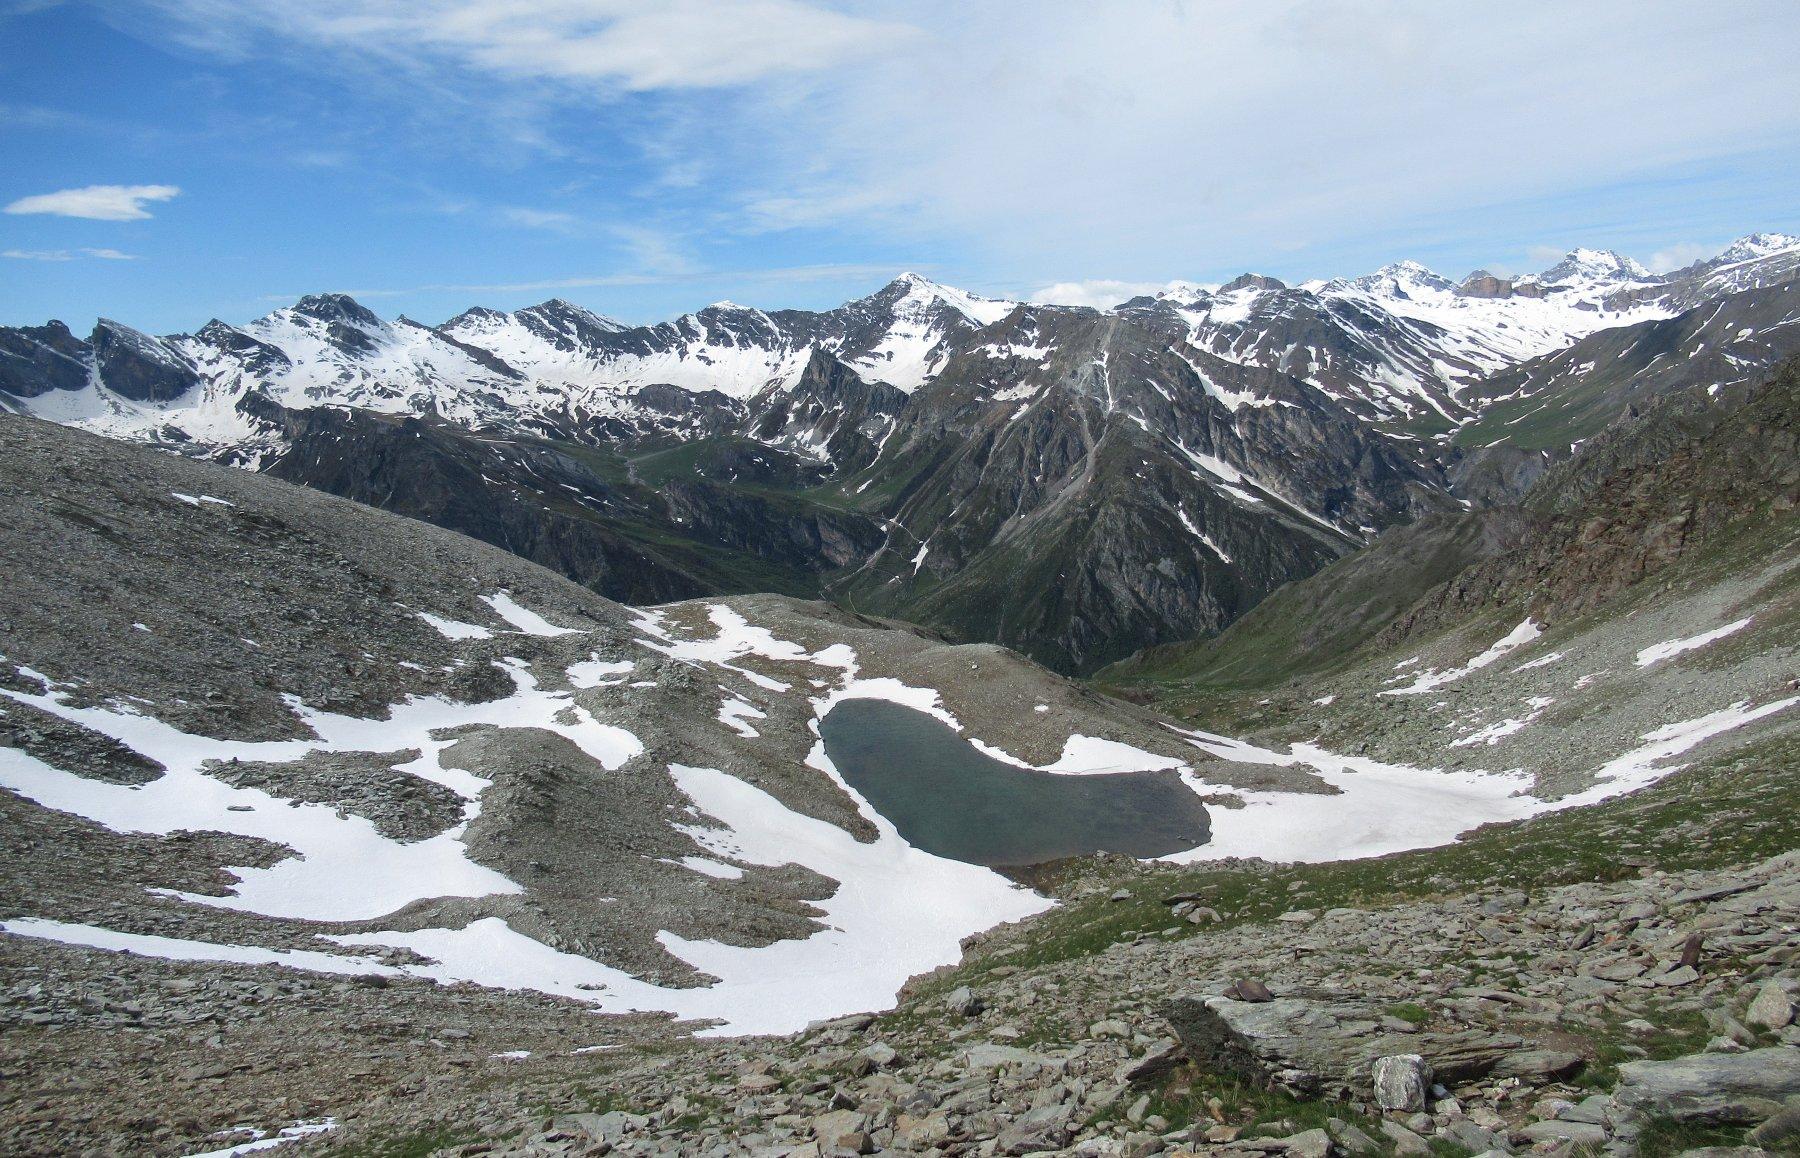 Il caratteristico lago Reisassa visto salendo il pendio terminale